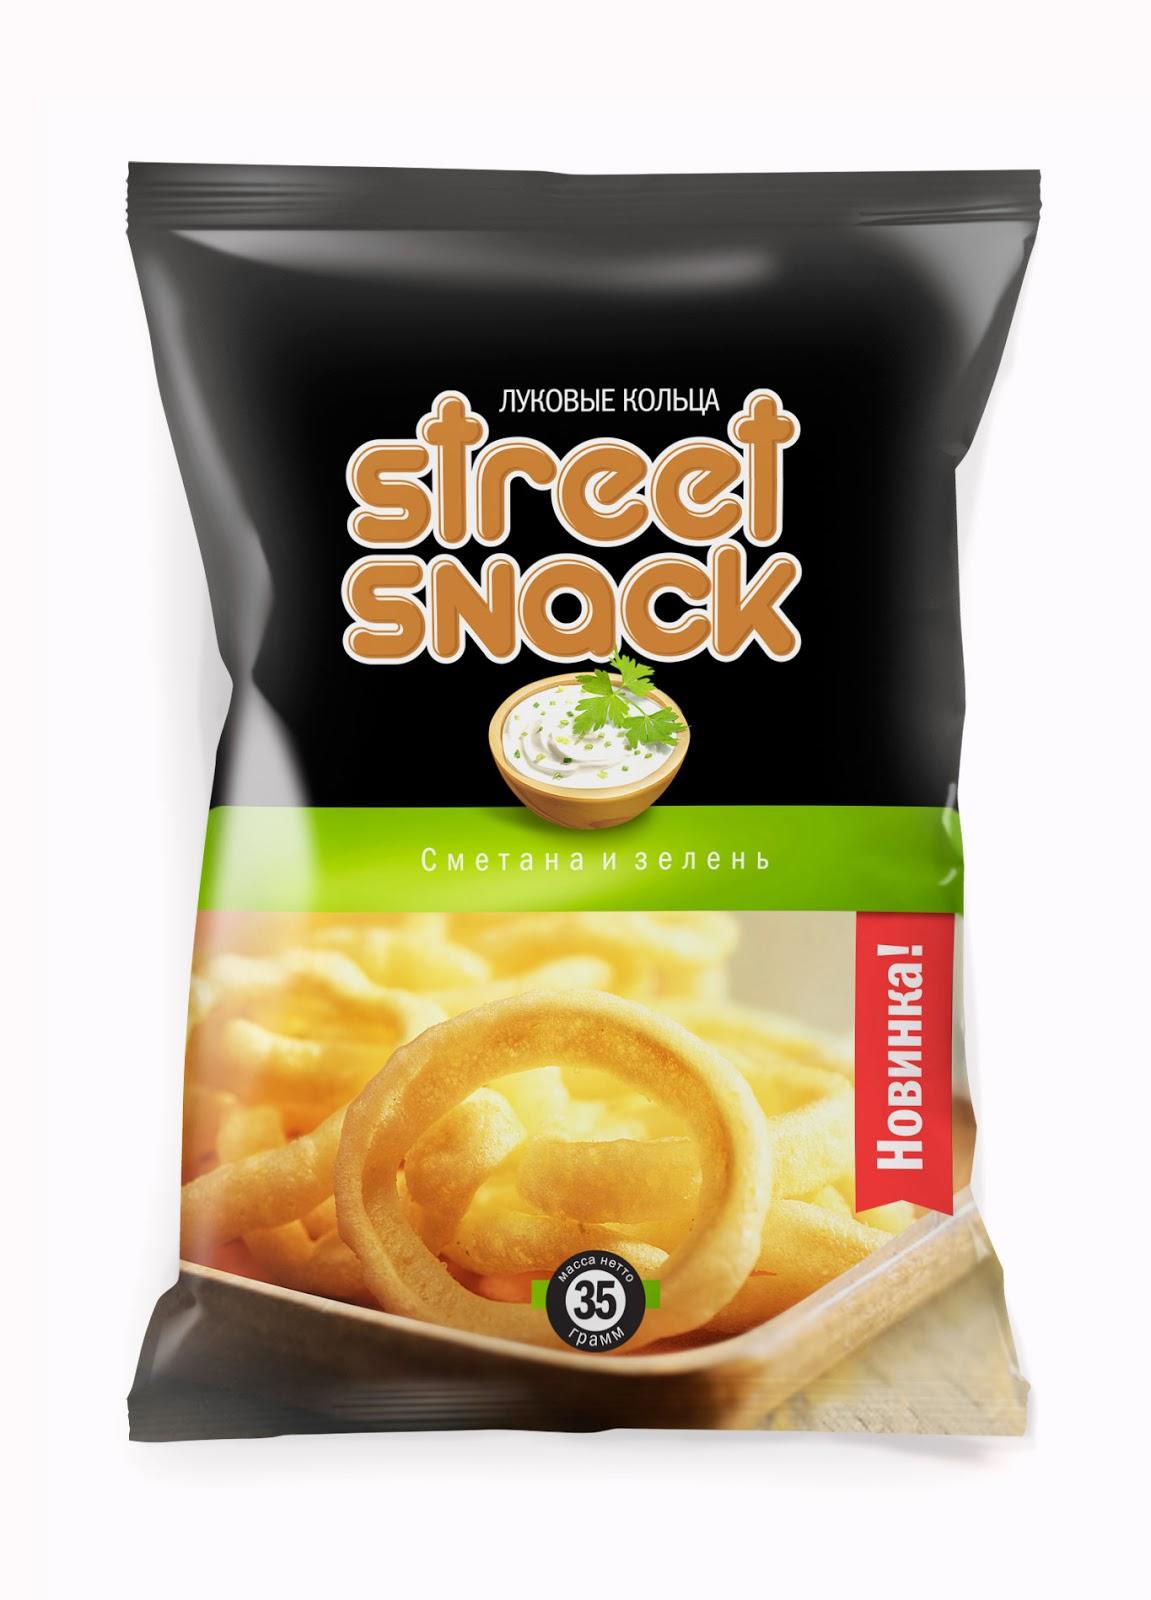 Opakowanie chipsów StreetSnack